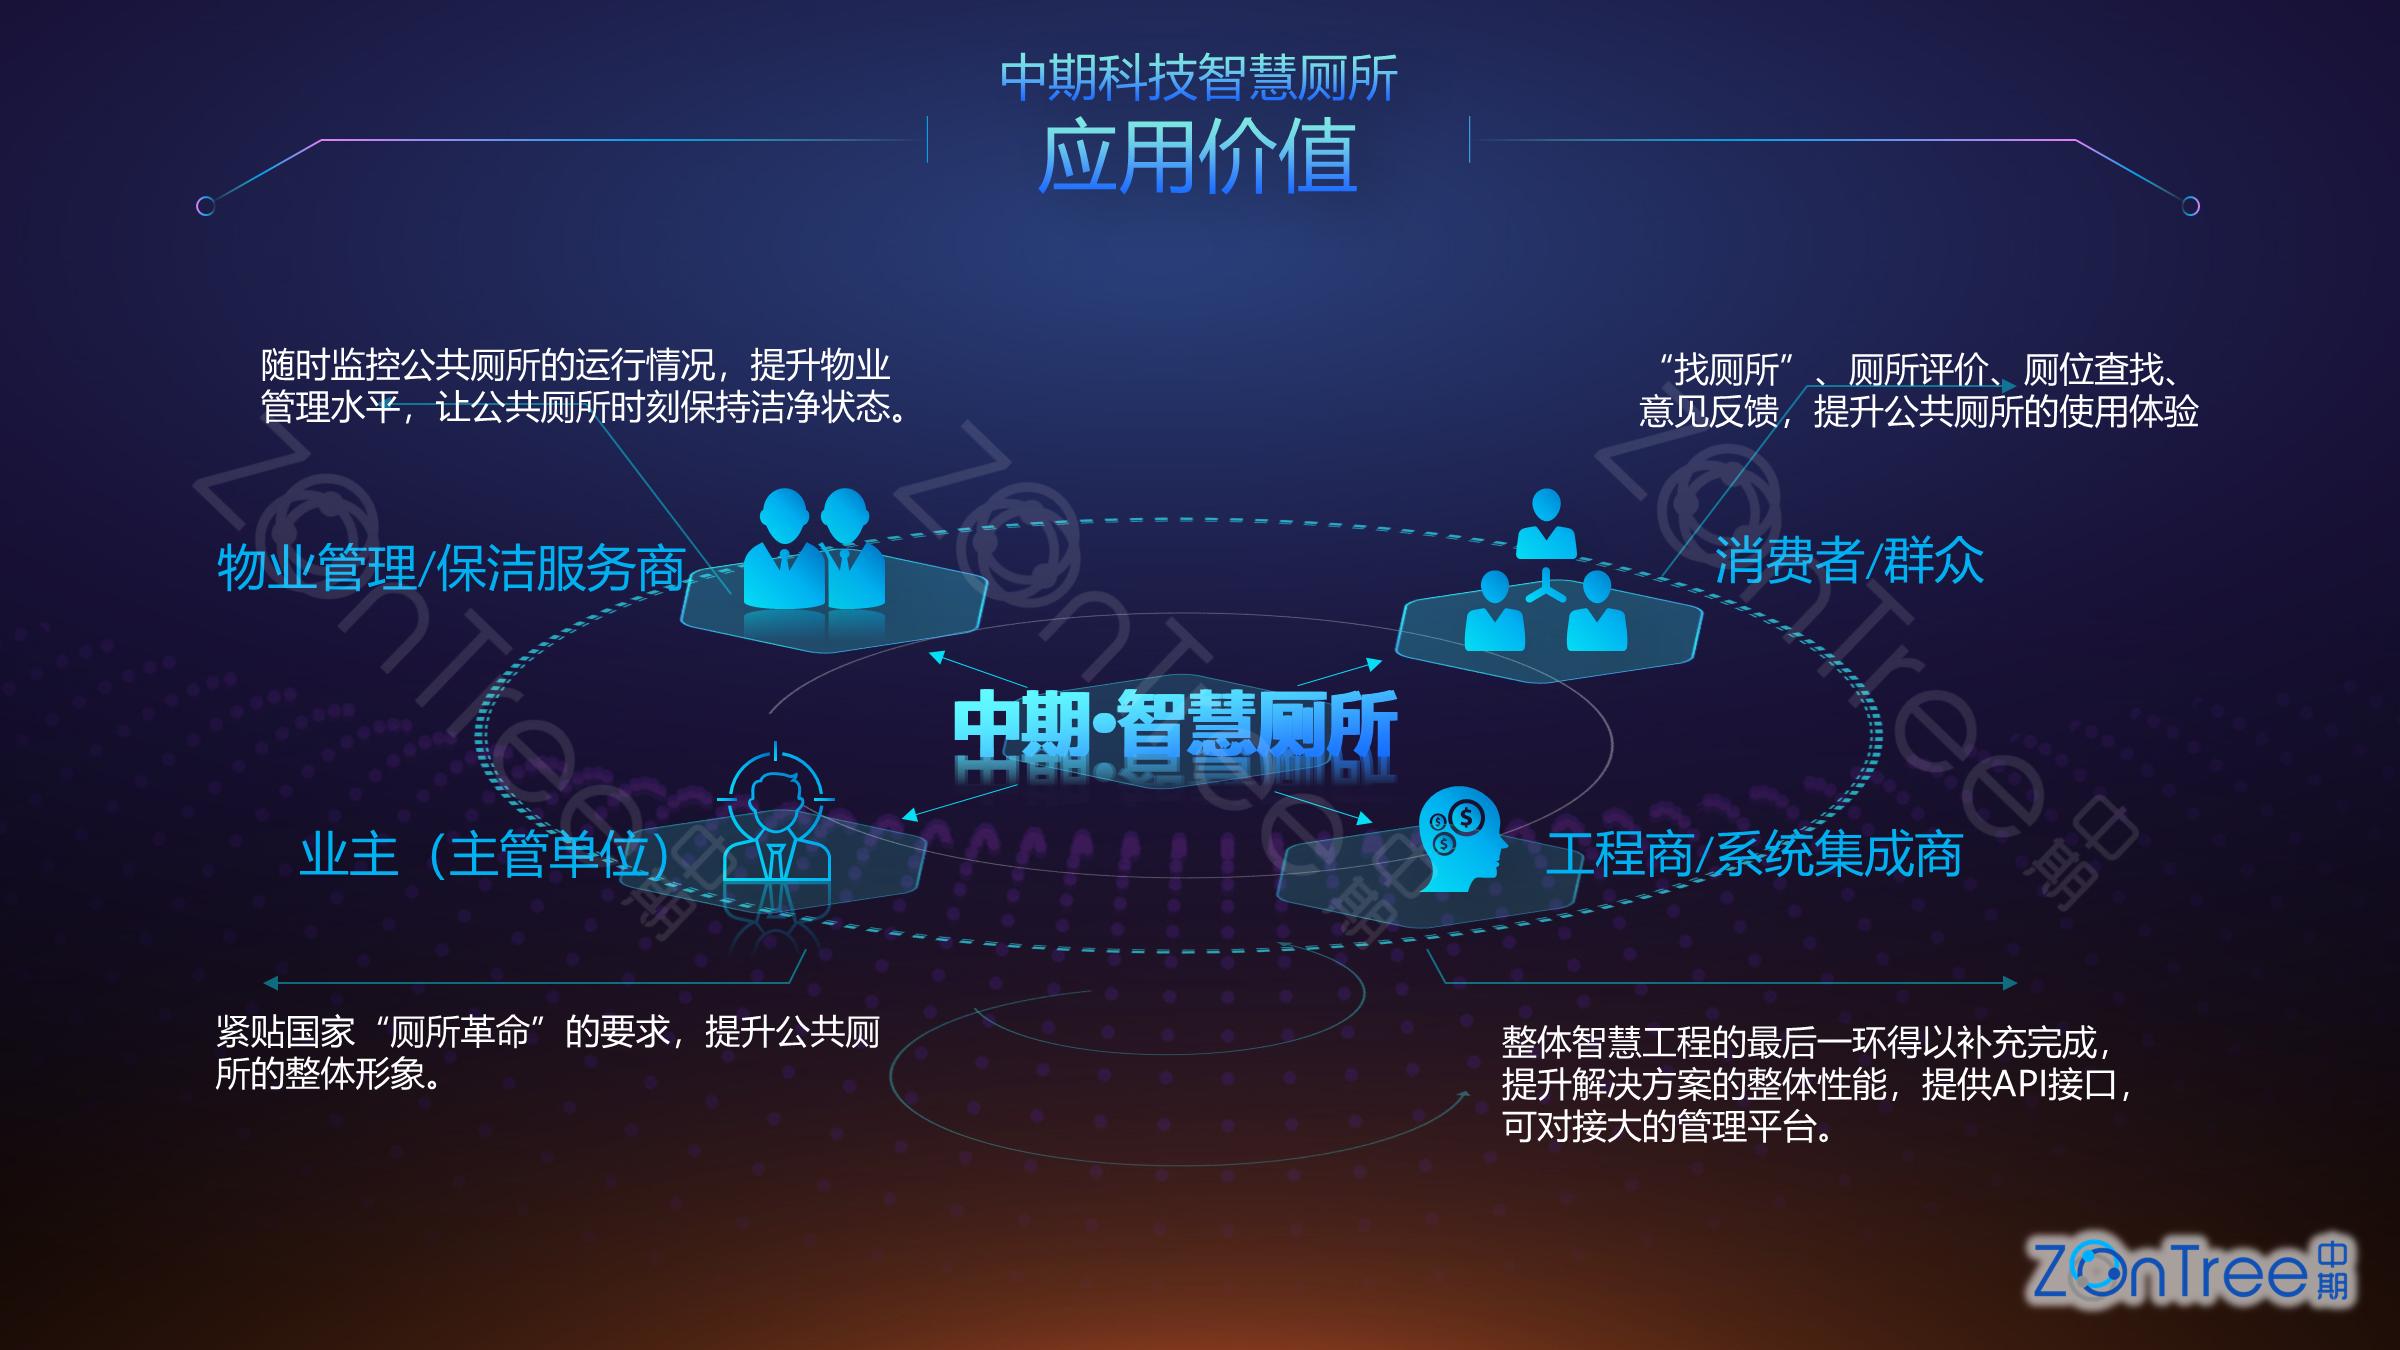 中期科技zontree.cn-智慧公厕-专业厂商